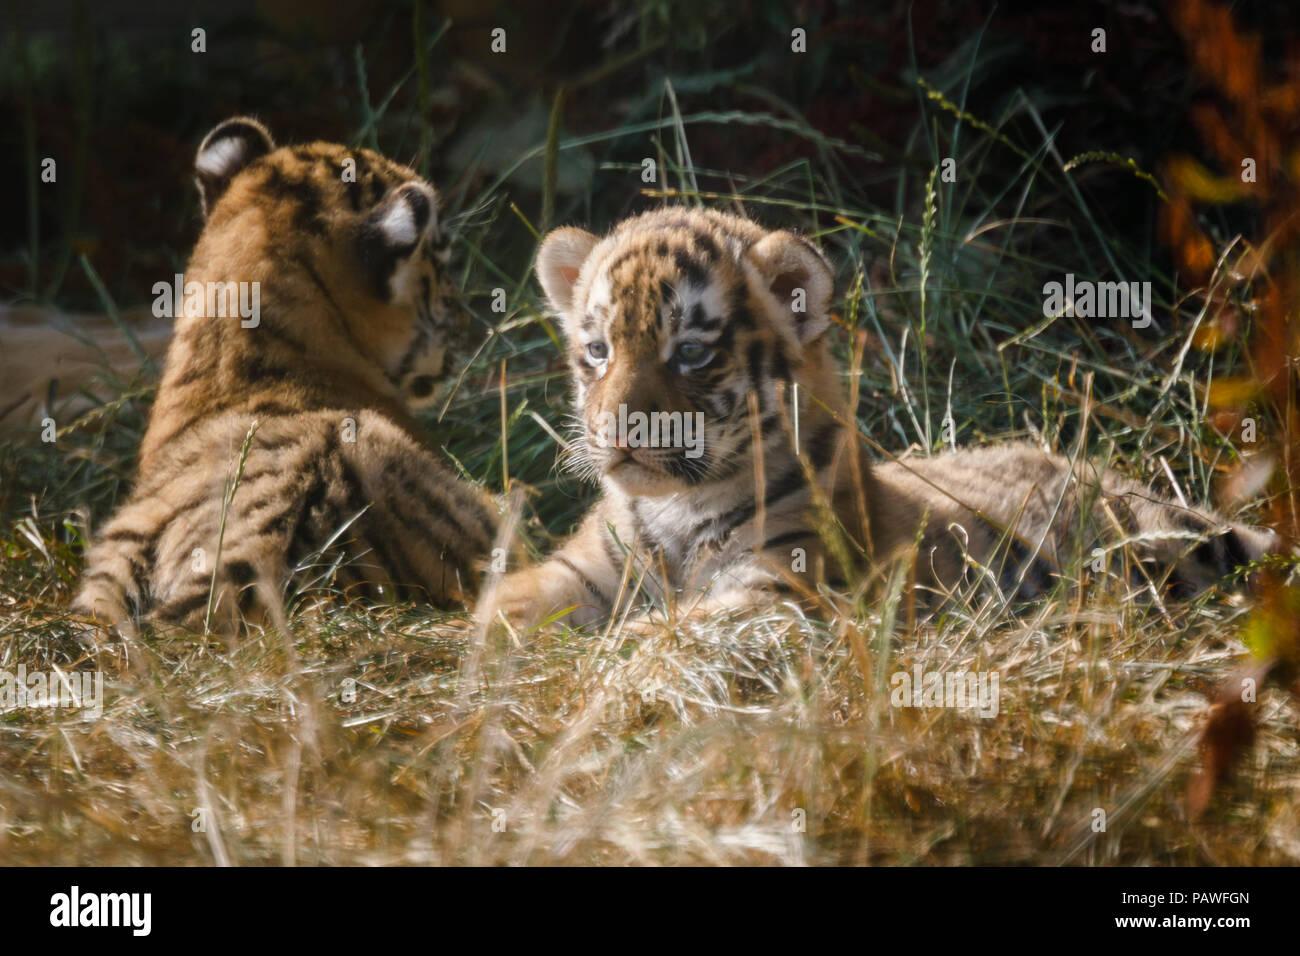 Whipsnade, UK. Il 25 luglio 2018. Quattro in via di estinzione di Amur cuccioli di tigre, nato un mese fa a ZSL Whipsnade Zoo, visto giocare al di fuori della loro den. Credito: amanda rose/Alamy Live News Immagini Stock